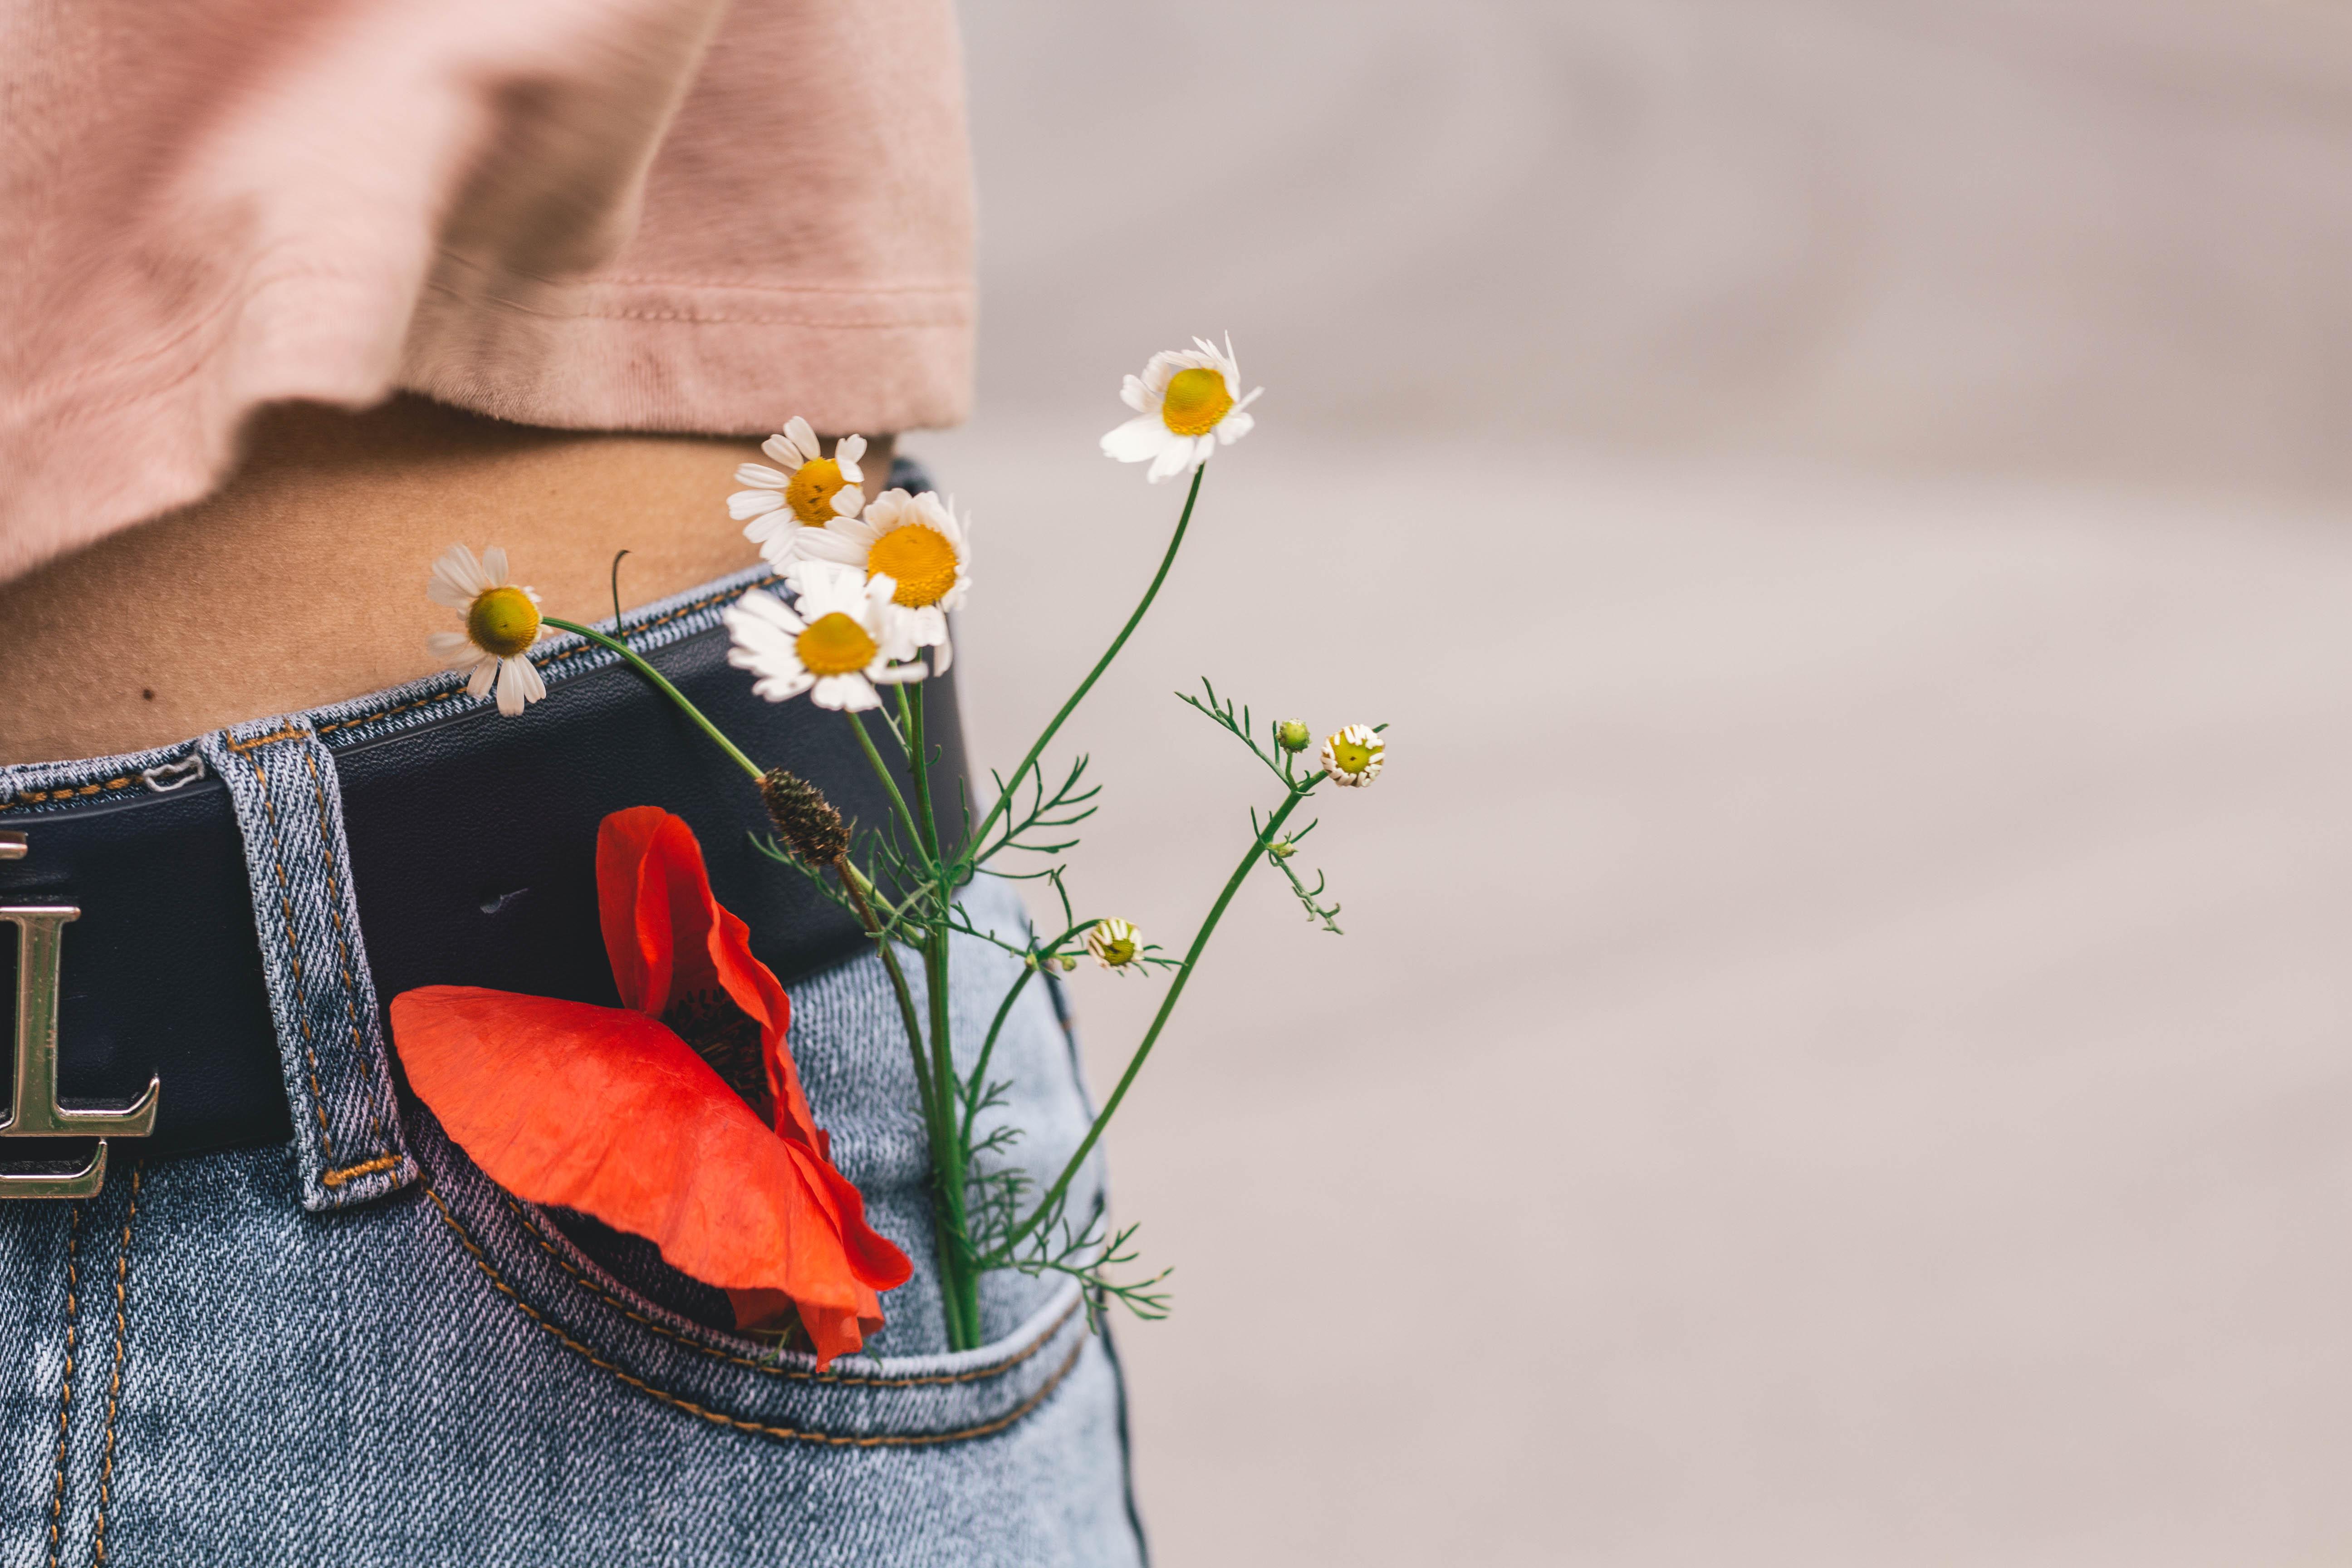 I fiori escono dalla tasca dei jeans